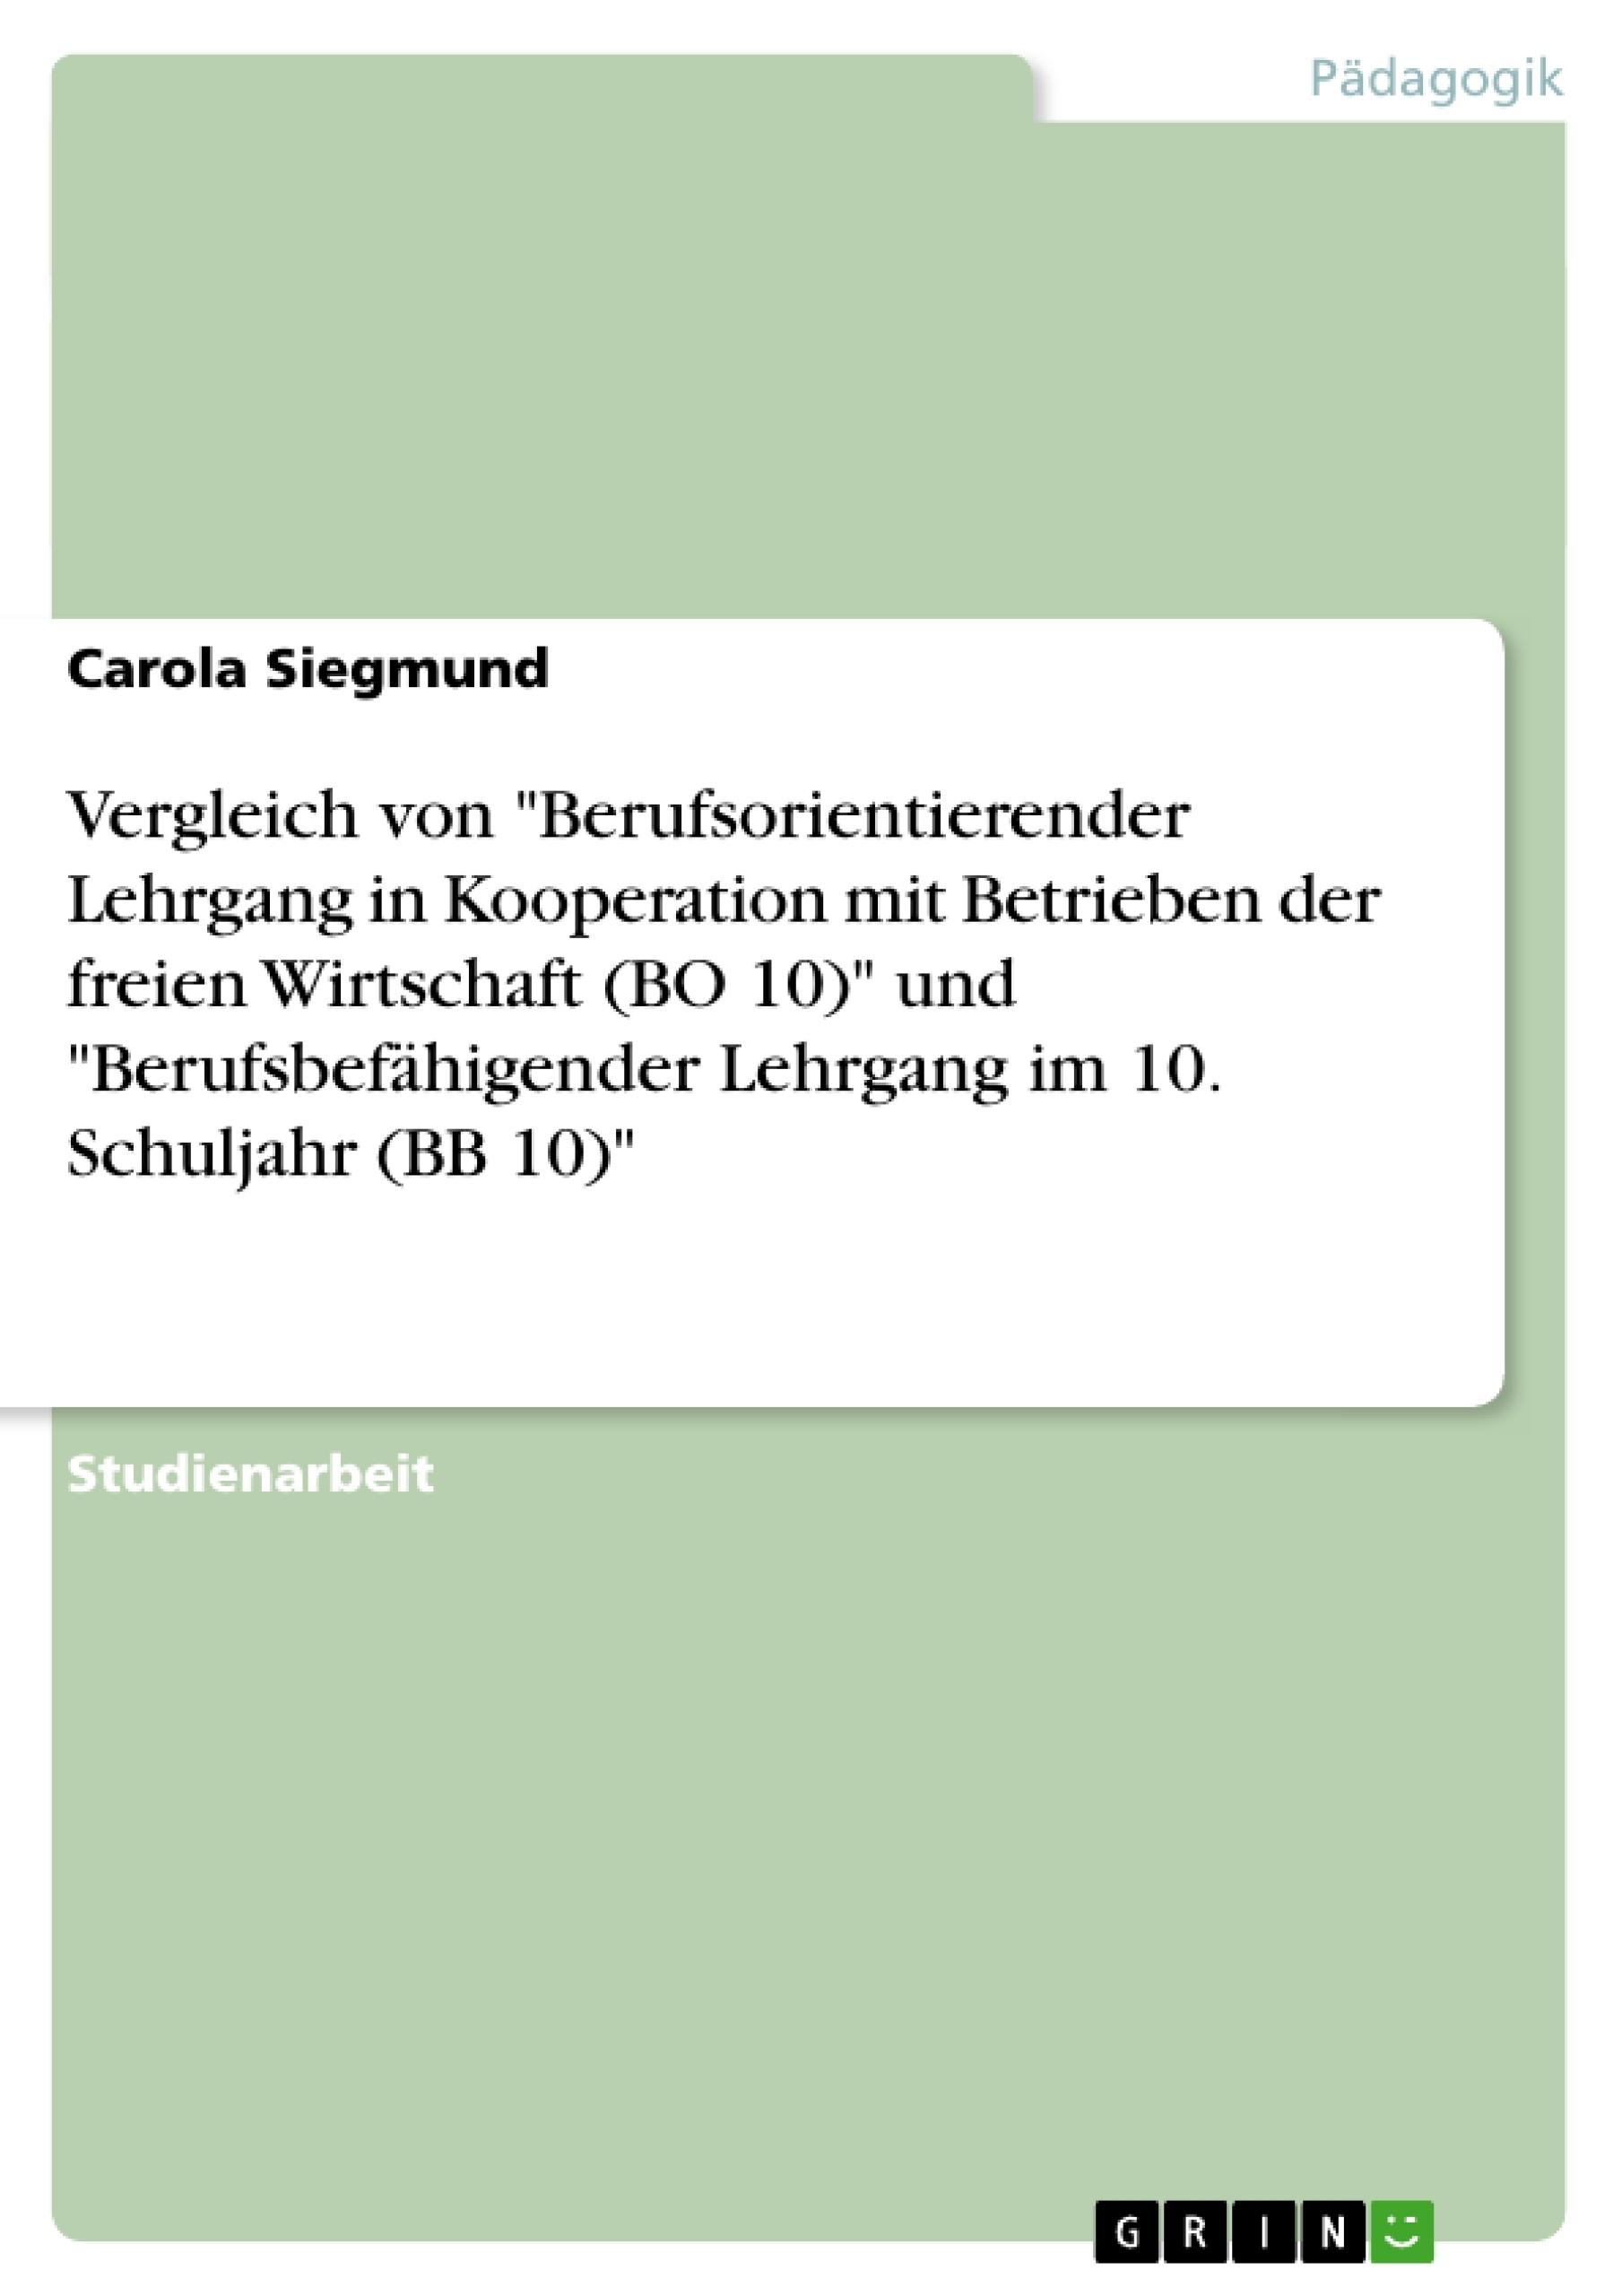 """Titel: Vergleich von """"Berufsorientierender Lehrgang in Kooperation mit Betrieben der freien Wirtschaft (BO 10)"""" und """"Berufsbefähigender Lehrgang im 10. Schuljahr (BB 10)"""""""